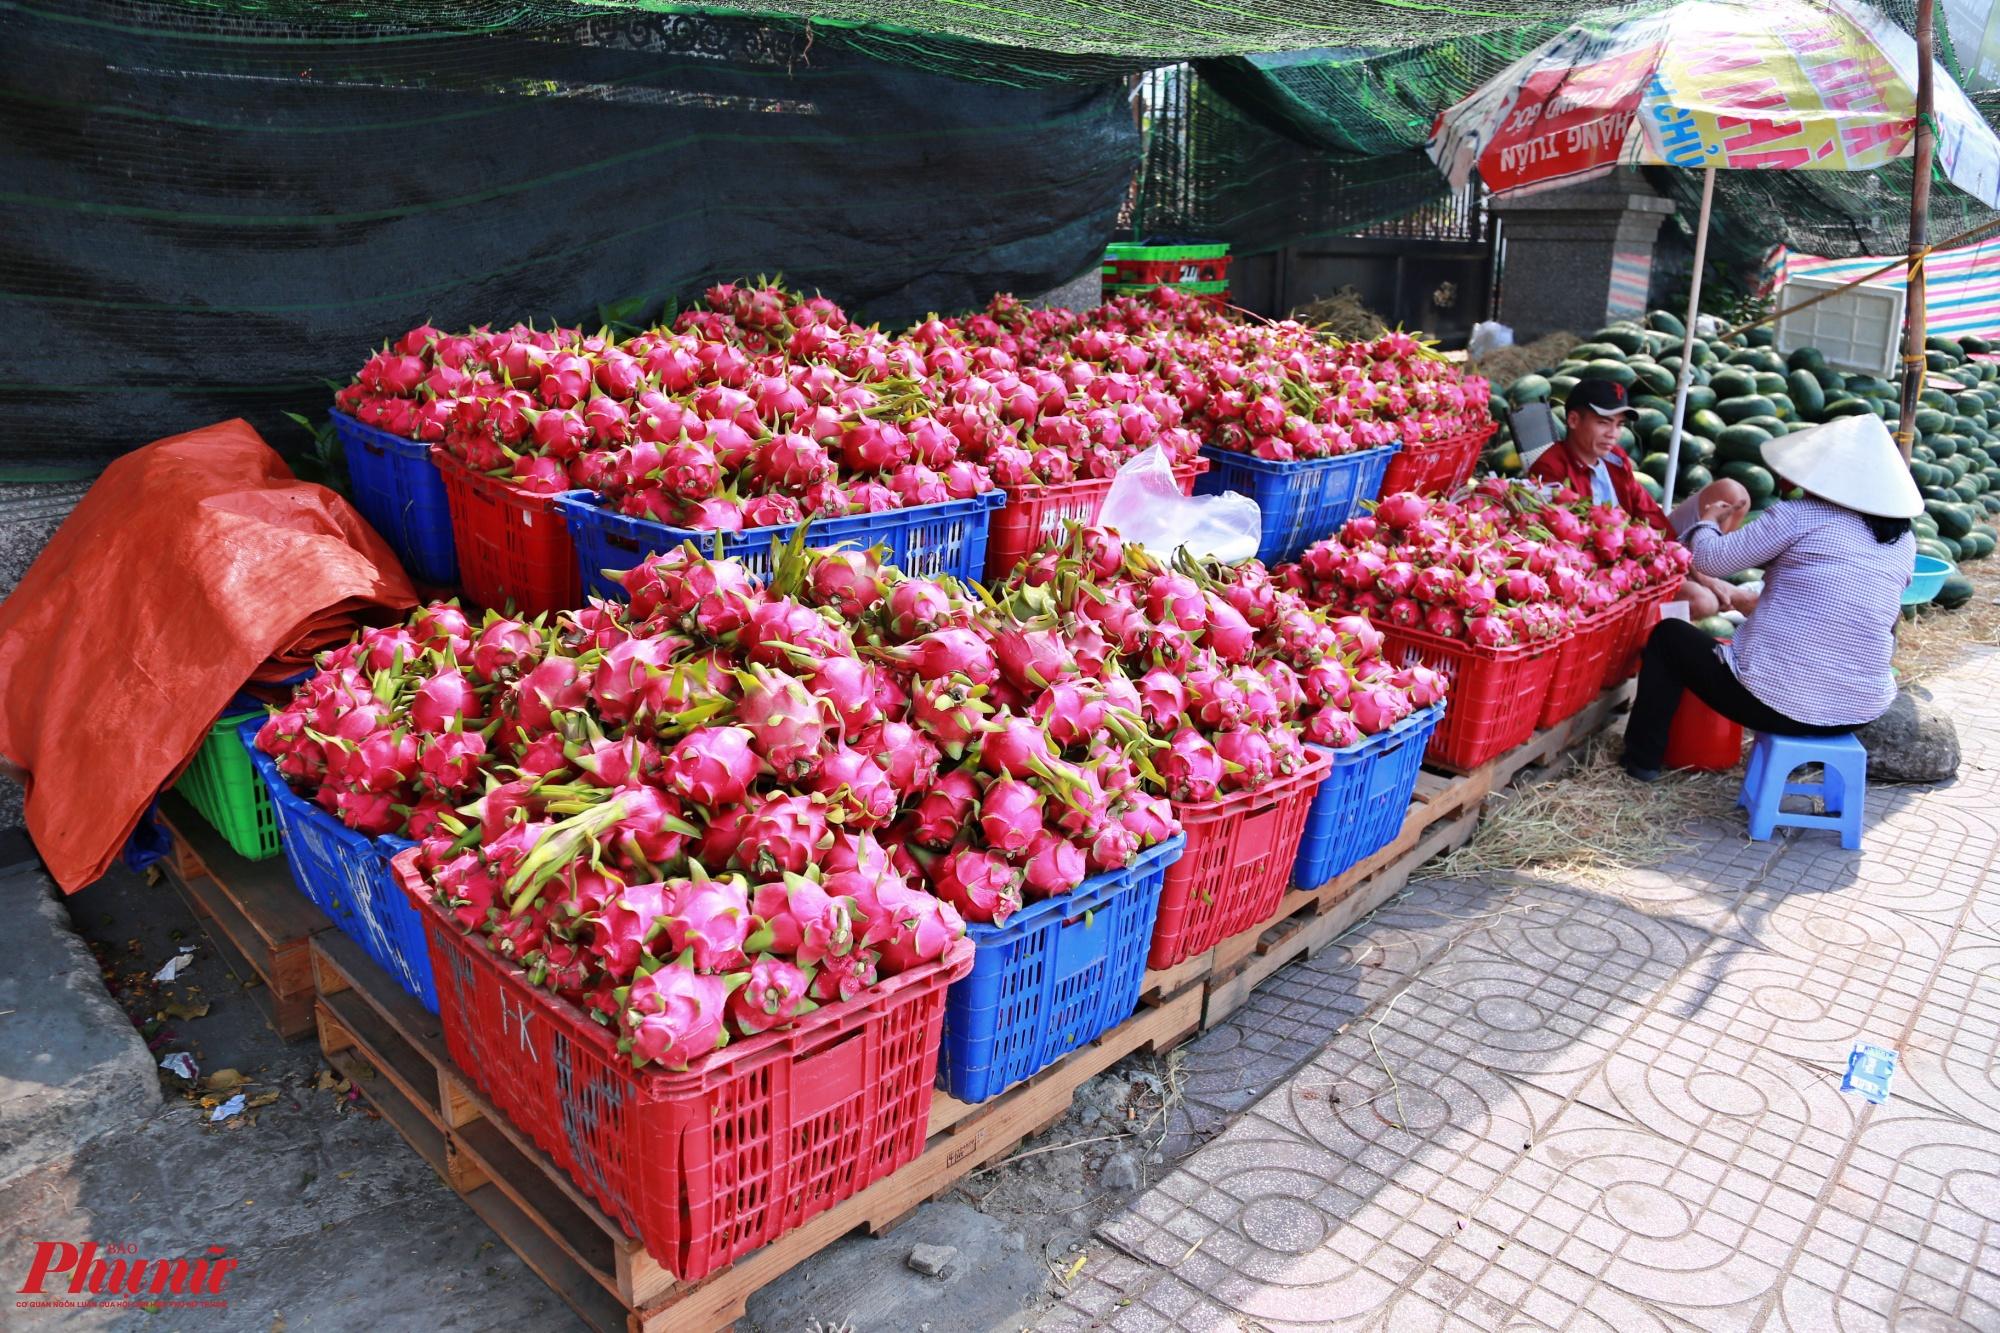 Các loại thanh long Bình Thuận cũng được đổ bán với số lượng lớn ở dọc đường Phạm Văn Đồng, theo một số người bán thanh long được chuyển vào bán trong những ngày gần đây, thanh long ruột đỏ được bán với giá 10 ngàn đồng/kg